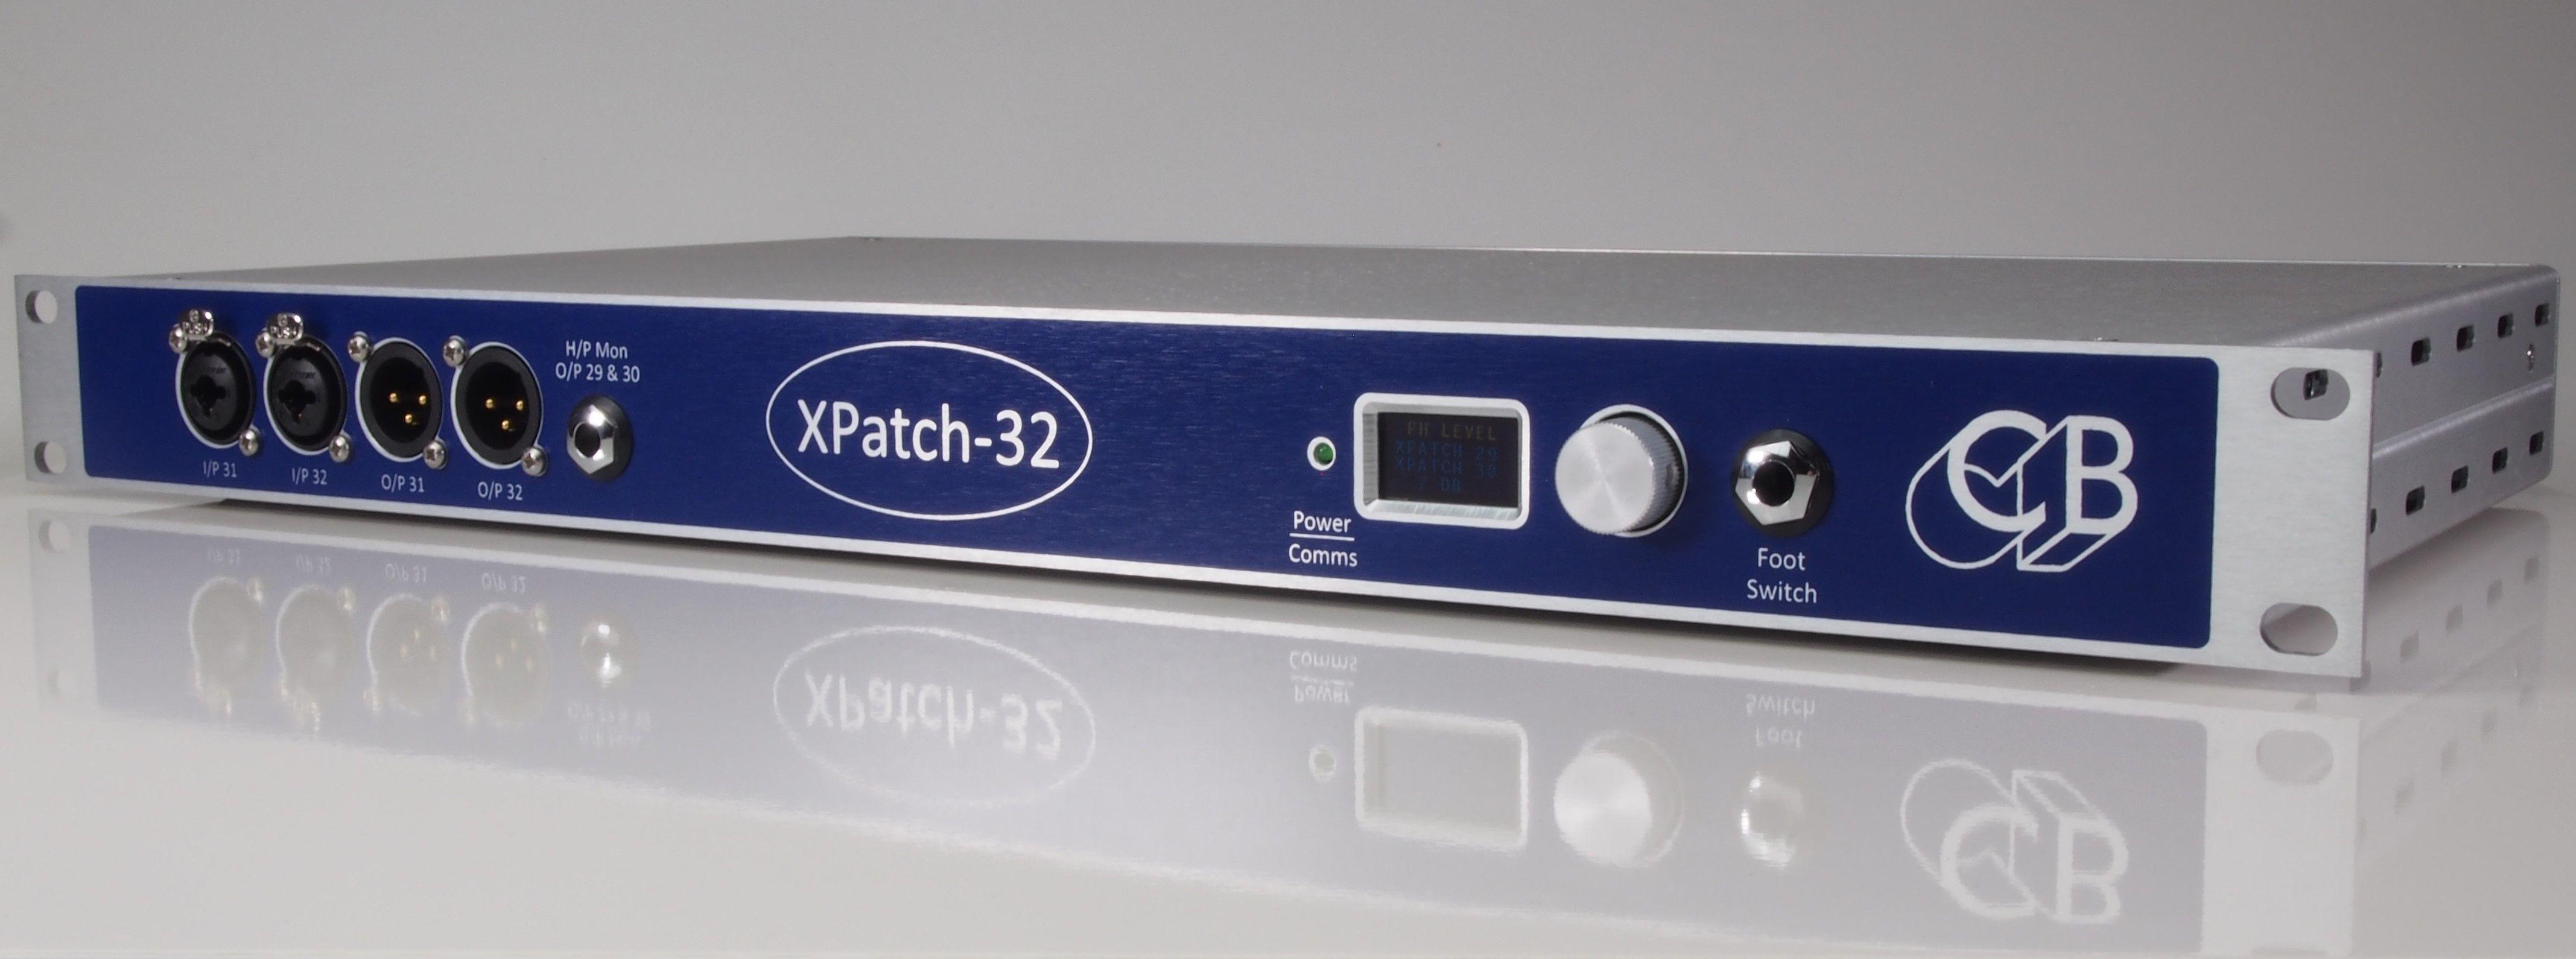 XPatch-32 angle